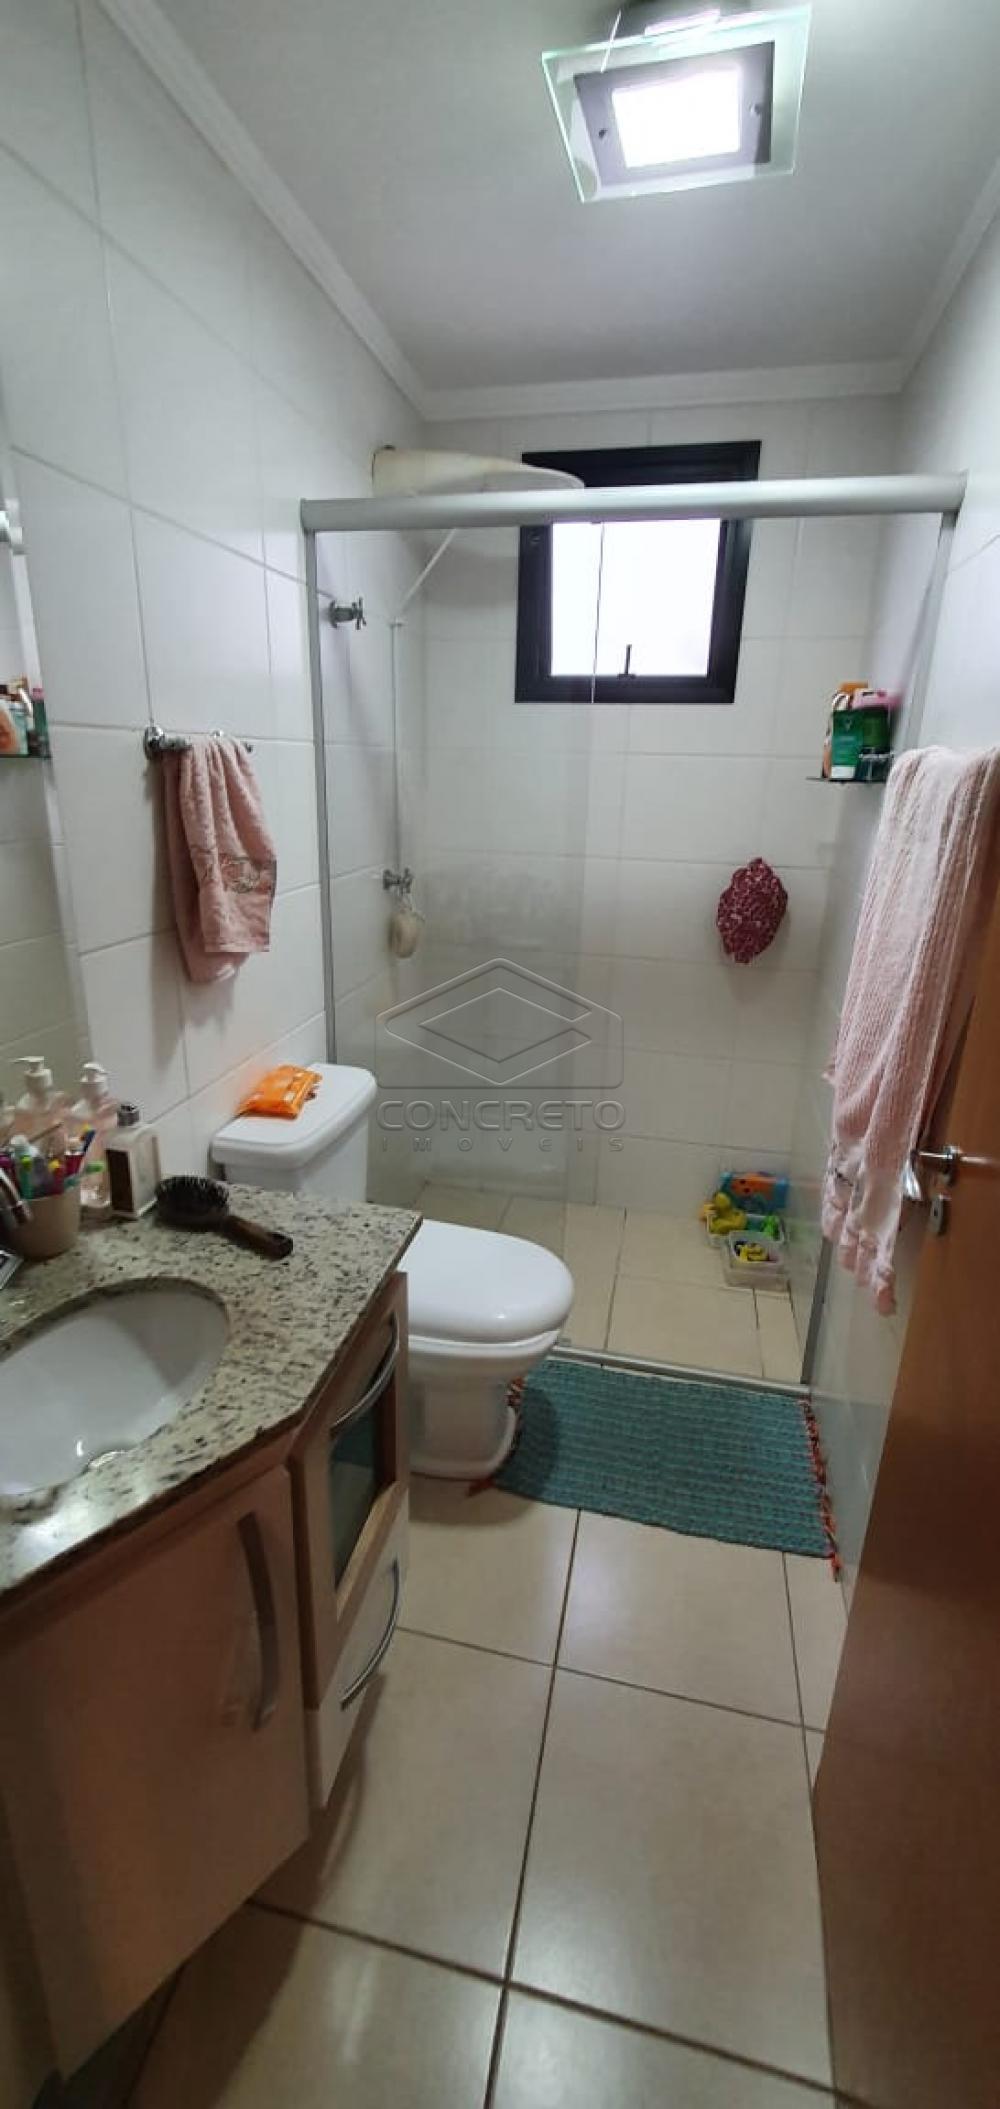 Comprar Apartamento / Kitnet em Bauru apenas R$ 402.000,00 - Foto 2